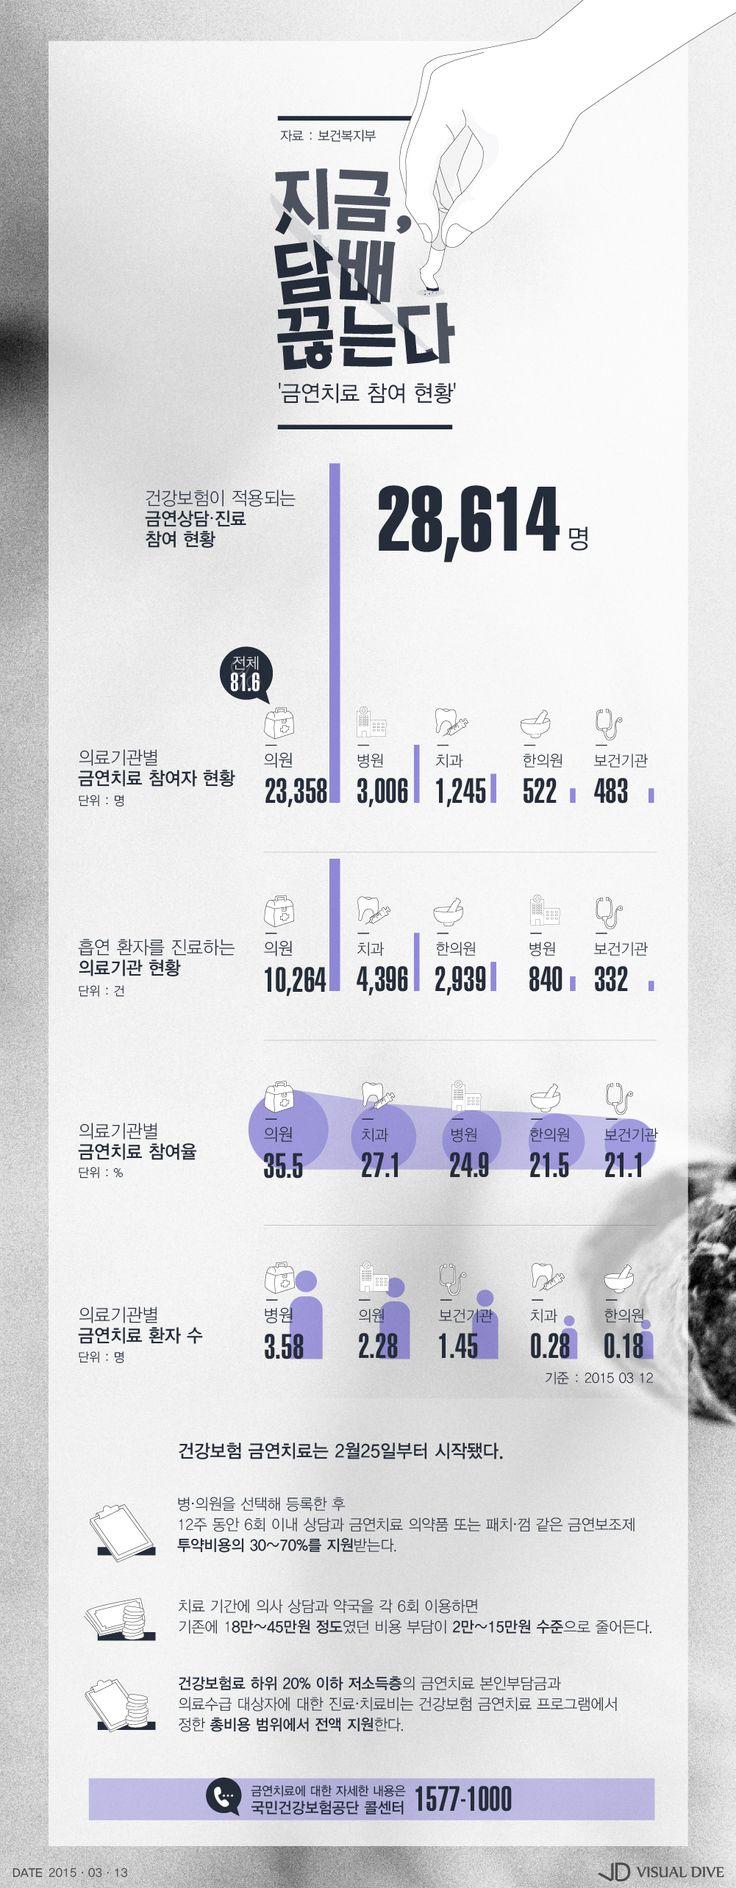 흡연자 중 2만 8천명, 금연치료 등록… 주로 의원 방문 [인포그래픽] #nosmoking / #Infographic ⓒ 비주얼다이브 무단 복사·전재·재배포 금지